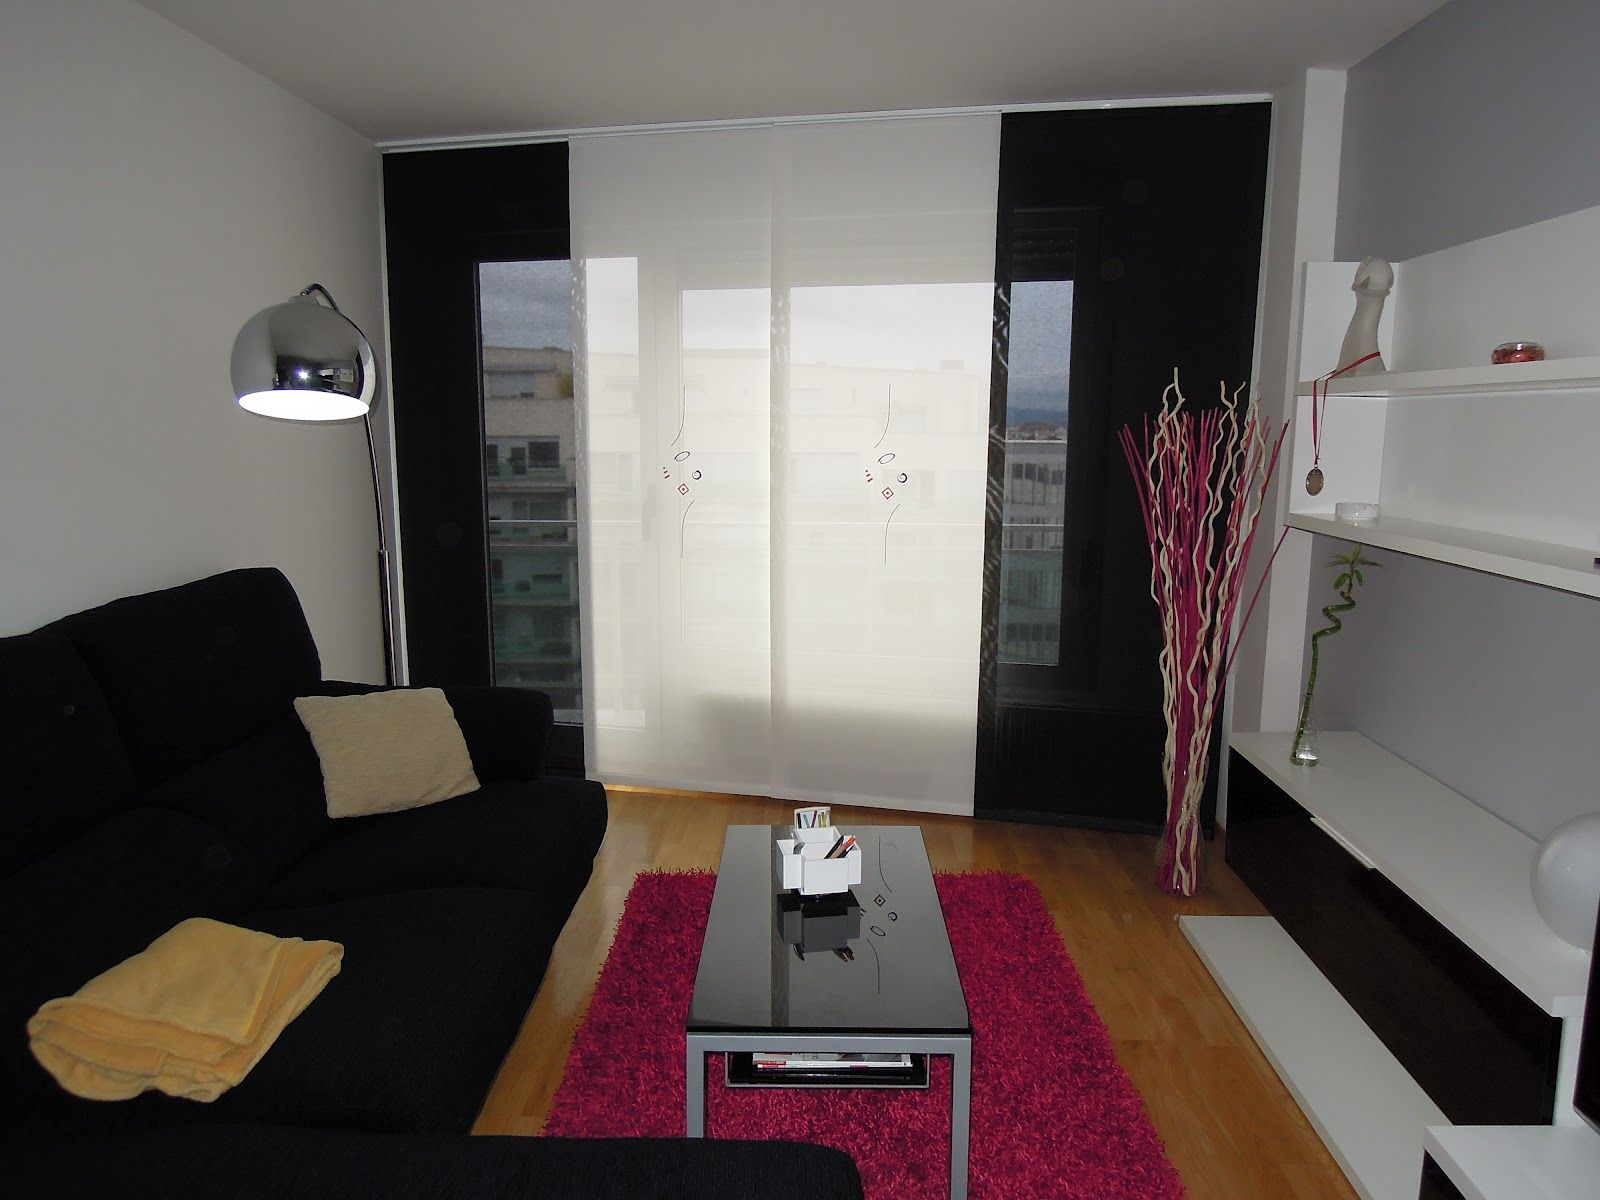 Fotos Salones 2012 Paneles Japoneses Diseño De Interiores Decoración Hogar